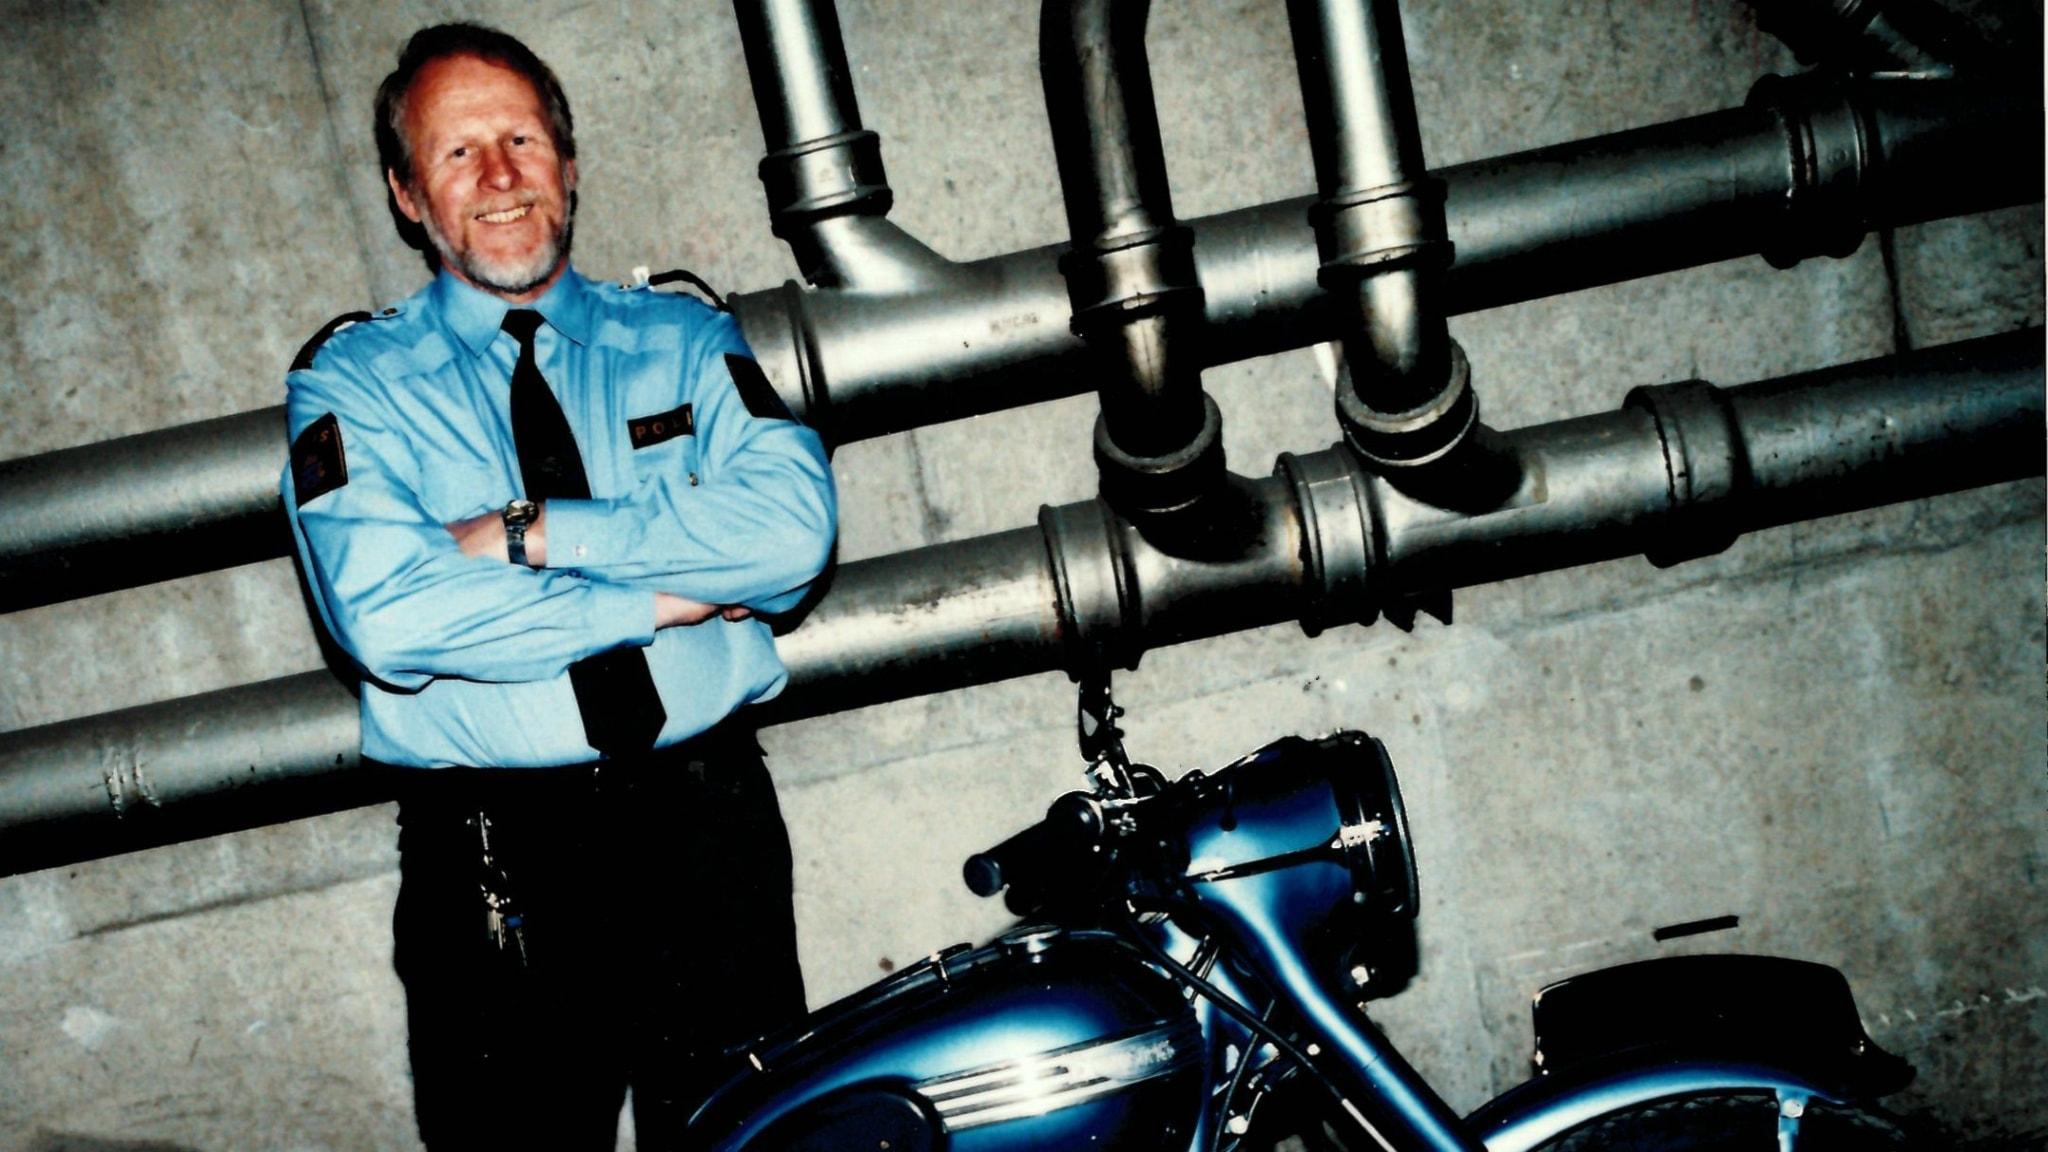 Sten Axelsson med sin älskade motorcykel. Han brukade åka hem till unga grabbar som nazisterna rekryterat och prata med dem och deras föräldrar. Ofta fick han dem på andra tankar.